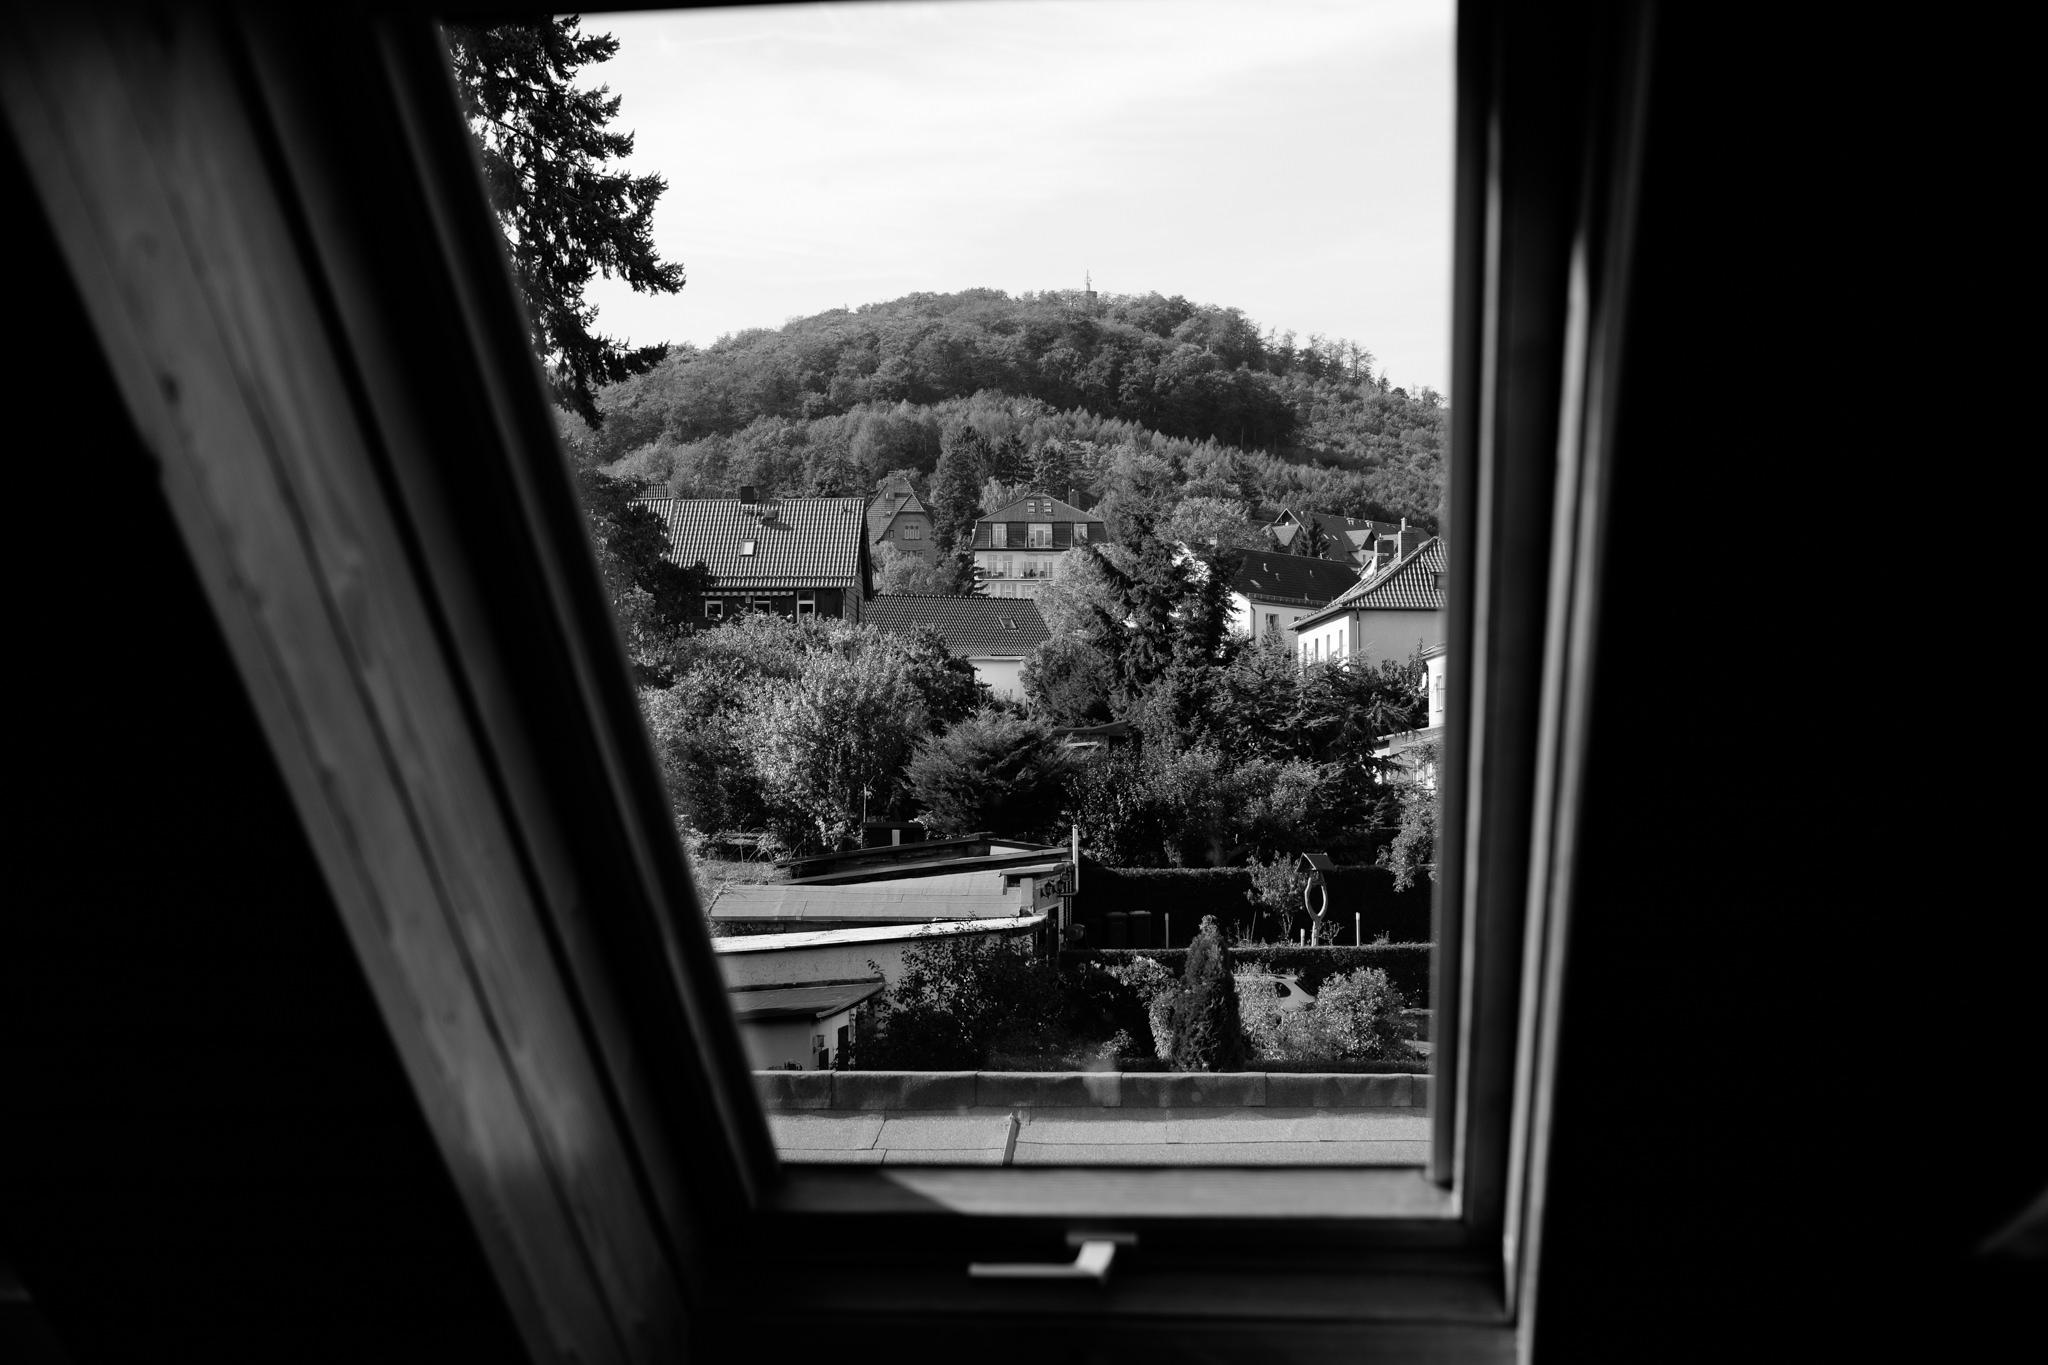 Leica M Entfernungsmesser Justieren : X pro statt leica m u andré duhme a not so secret diary